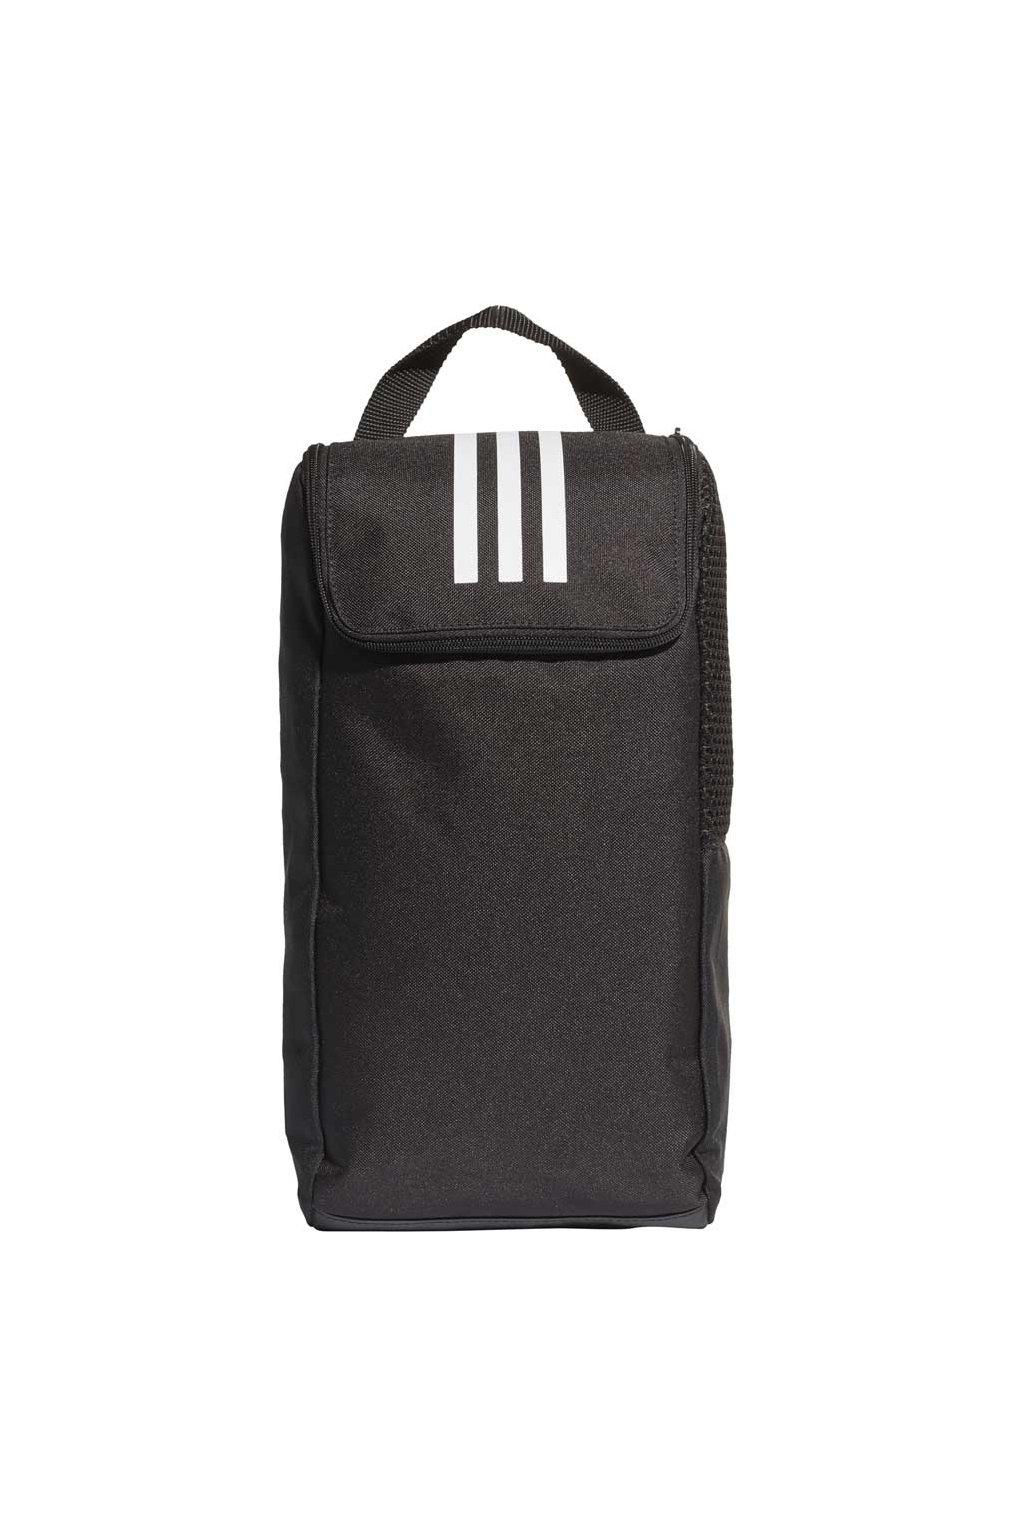 Taška na obuv adidas Tiro SB čierna DQ1069